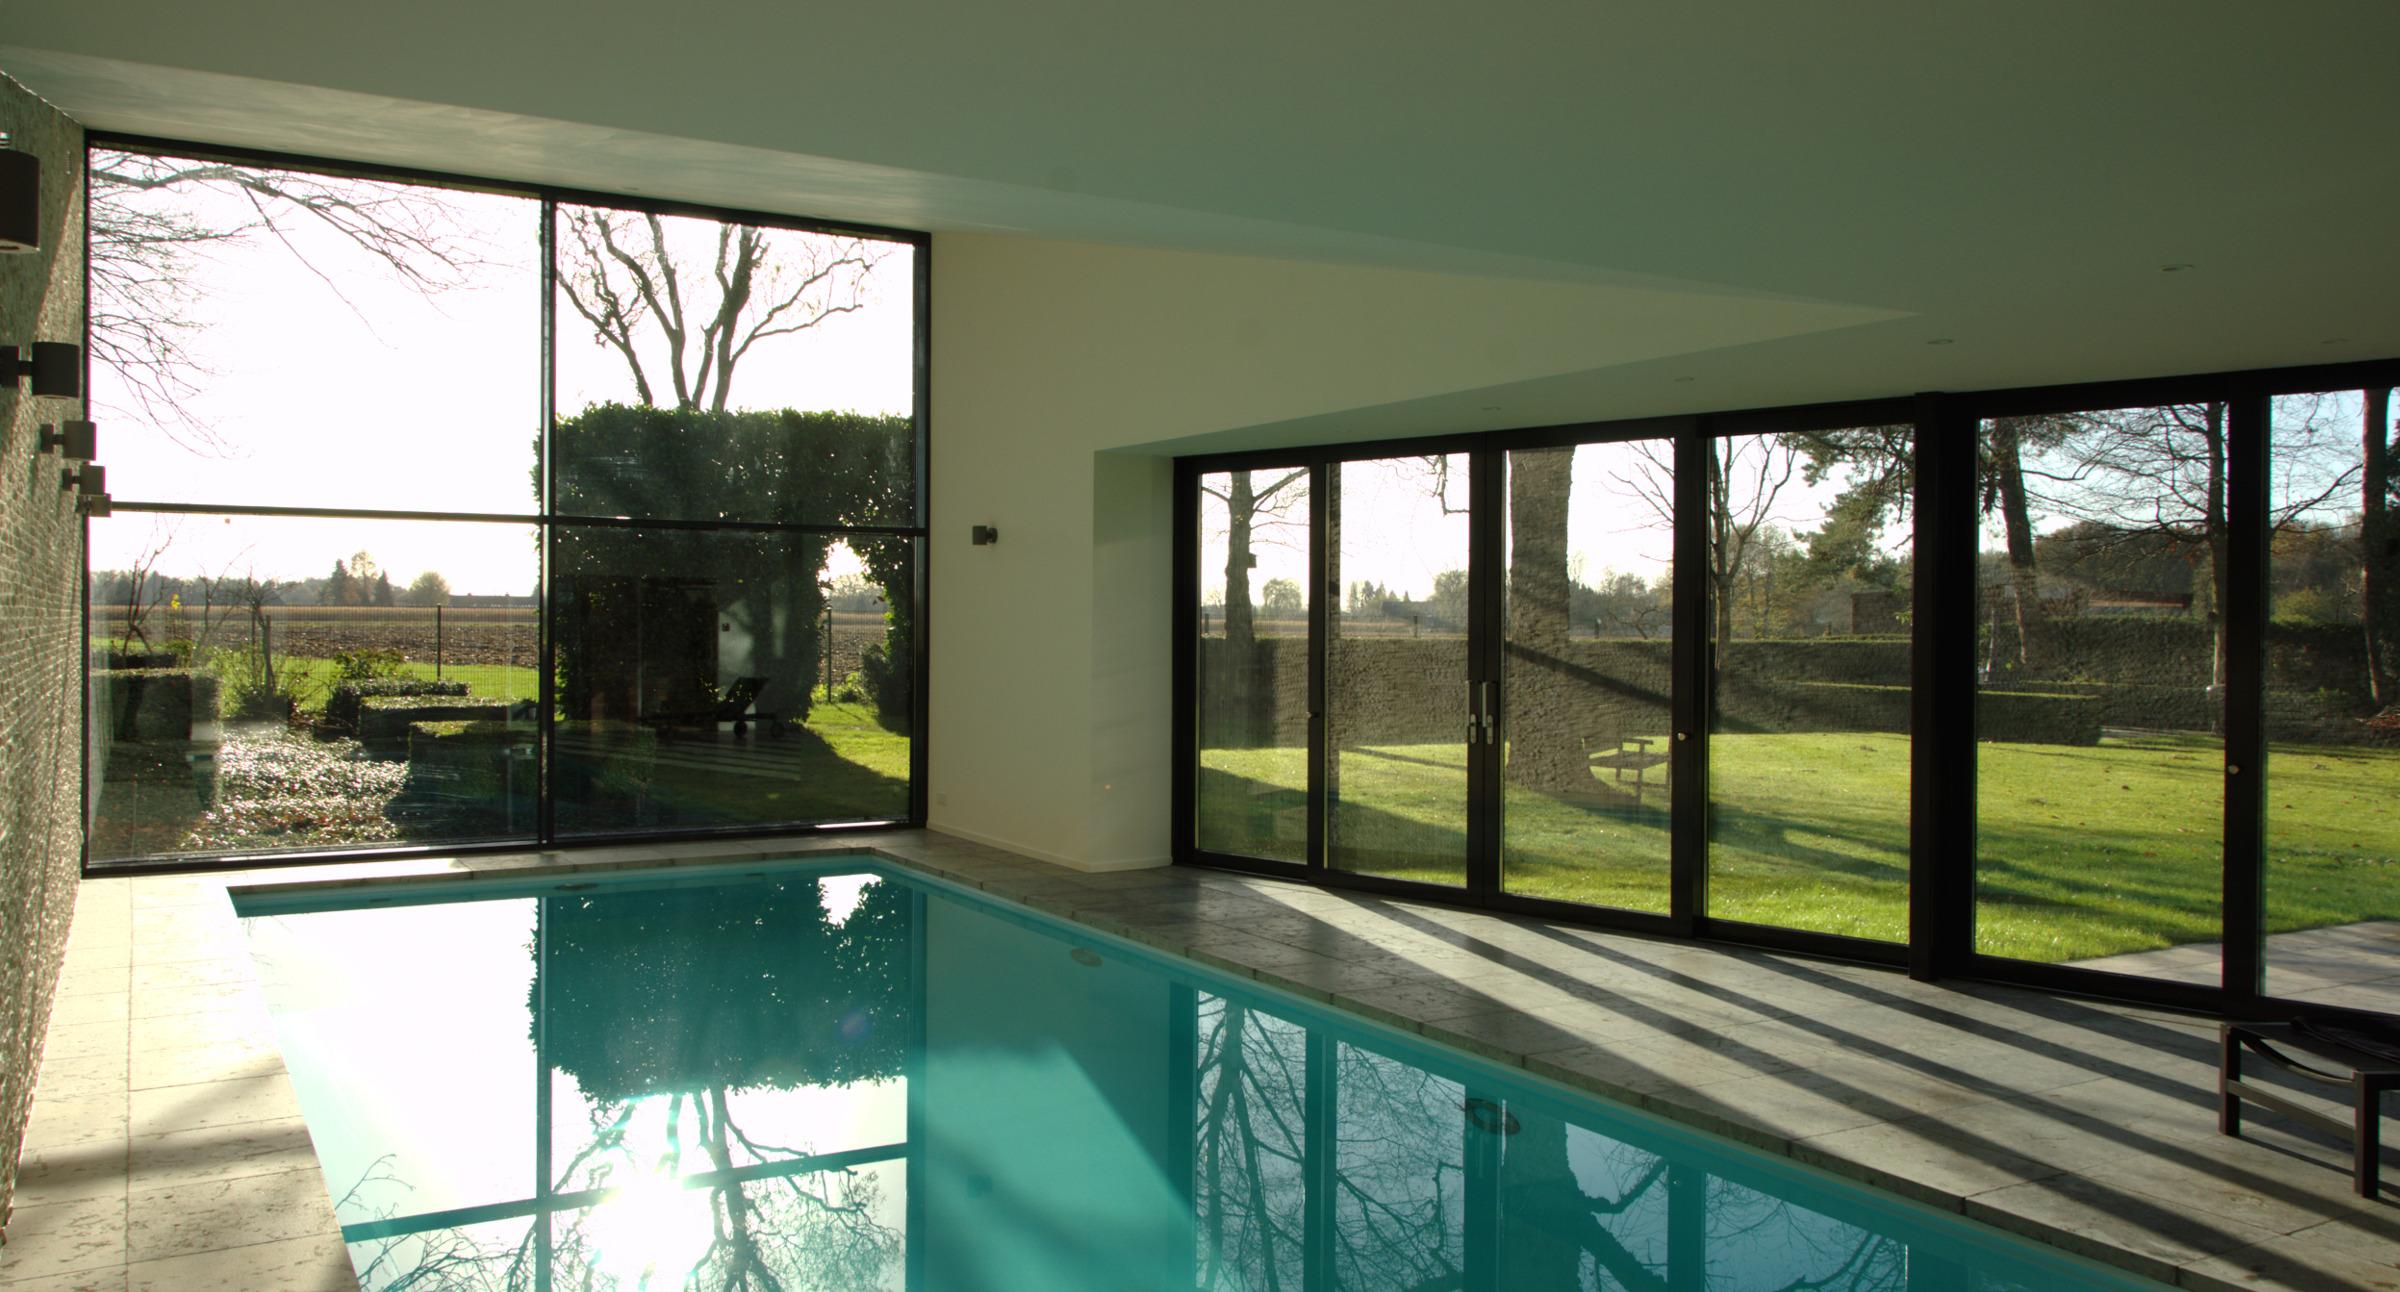 homepage-slider-afbeelding-nieuwbouw-prive-binnenzwembad-Weert-BEELEN-CS-architecten-Eindhoven